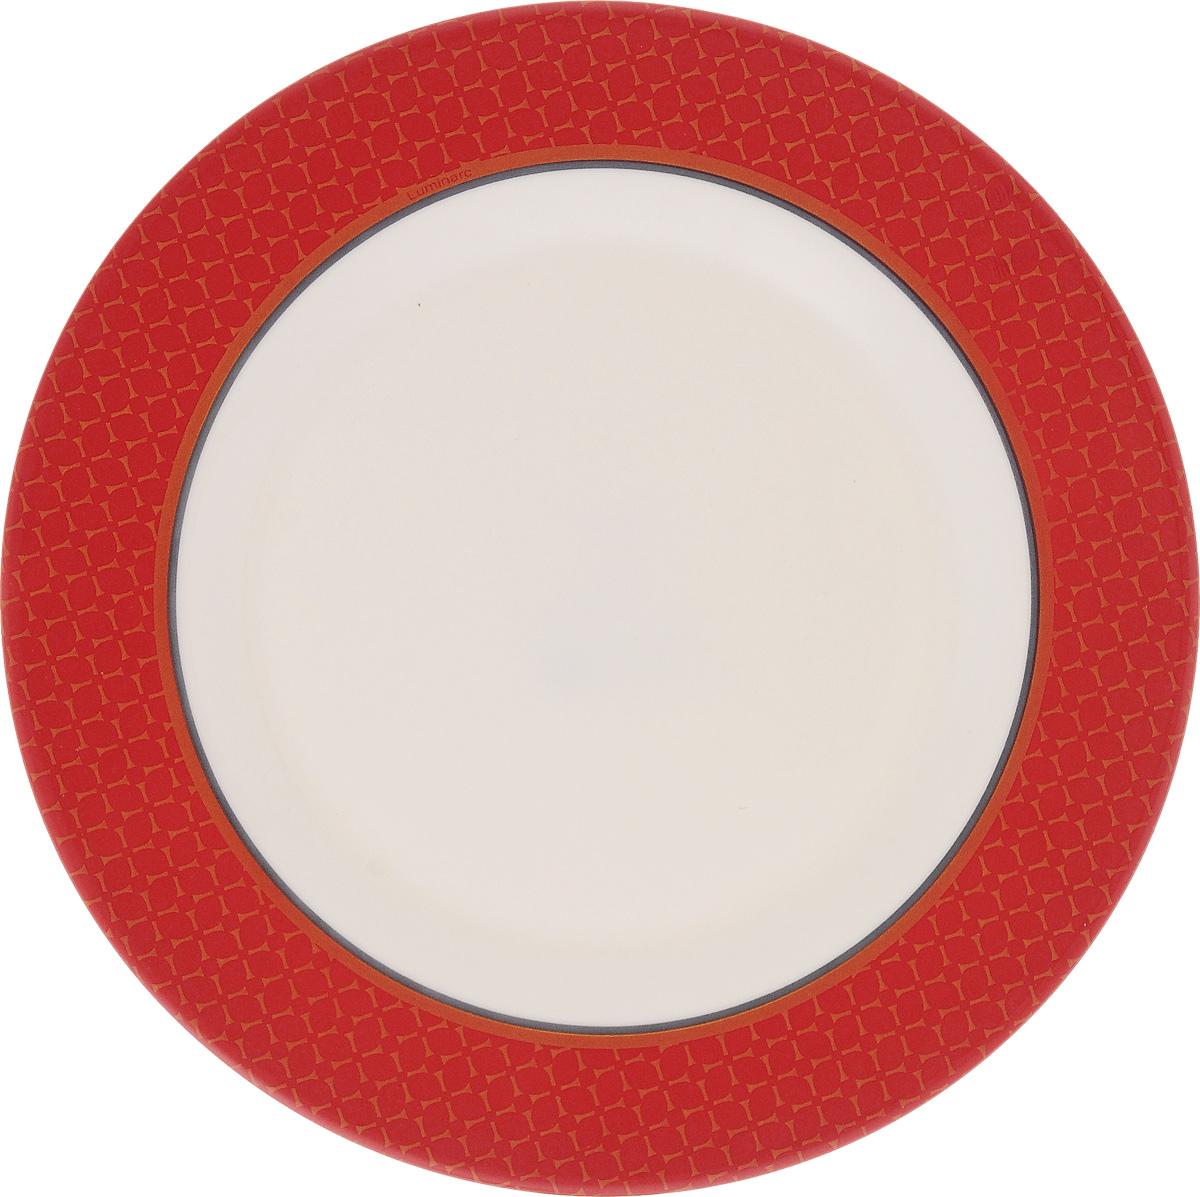 Тарелка десертная Luminarc Alto Rubis, 20,5 смJ3739Десертная тарелка Luminarc Alto Rubis, изготовленная из ударопрочного стекла, имеет изысканный внешний вид. Такая тарелка прекрасно подходит как для торжественных случаев, так и для повседневного использования. Идеальна для подачи десертов, пирожных, тортов и многого другого. Она прекрасно оформит стол и станет отличным дополнением к вашей коллекции кухонной посуды. Диаметр тарелки (по верхнему краю): 20,5 см.